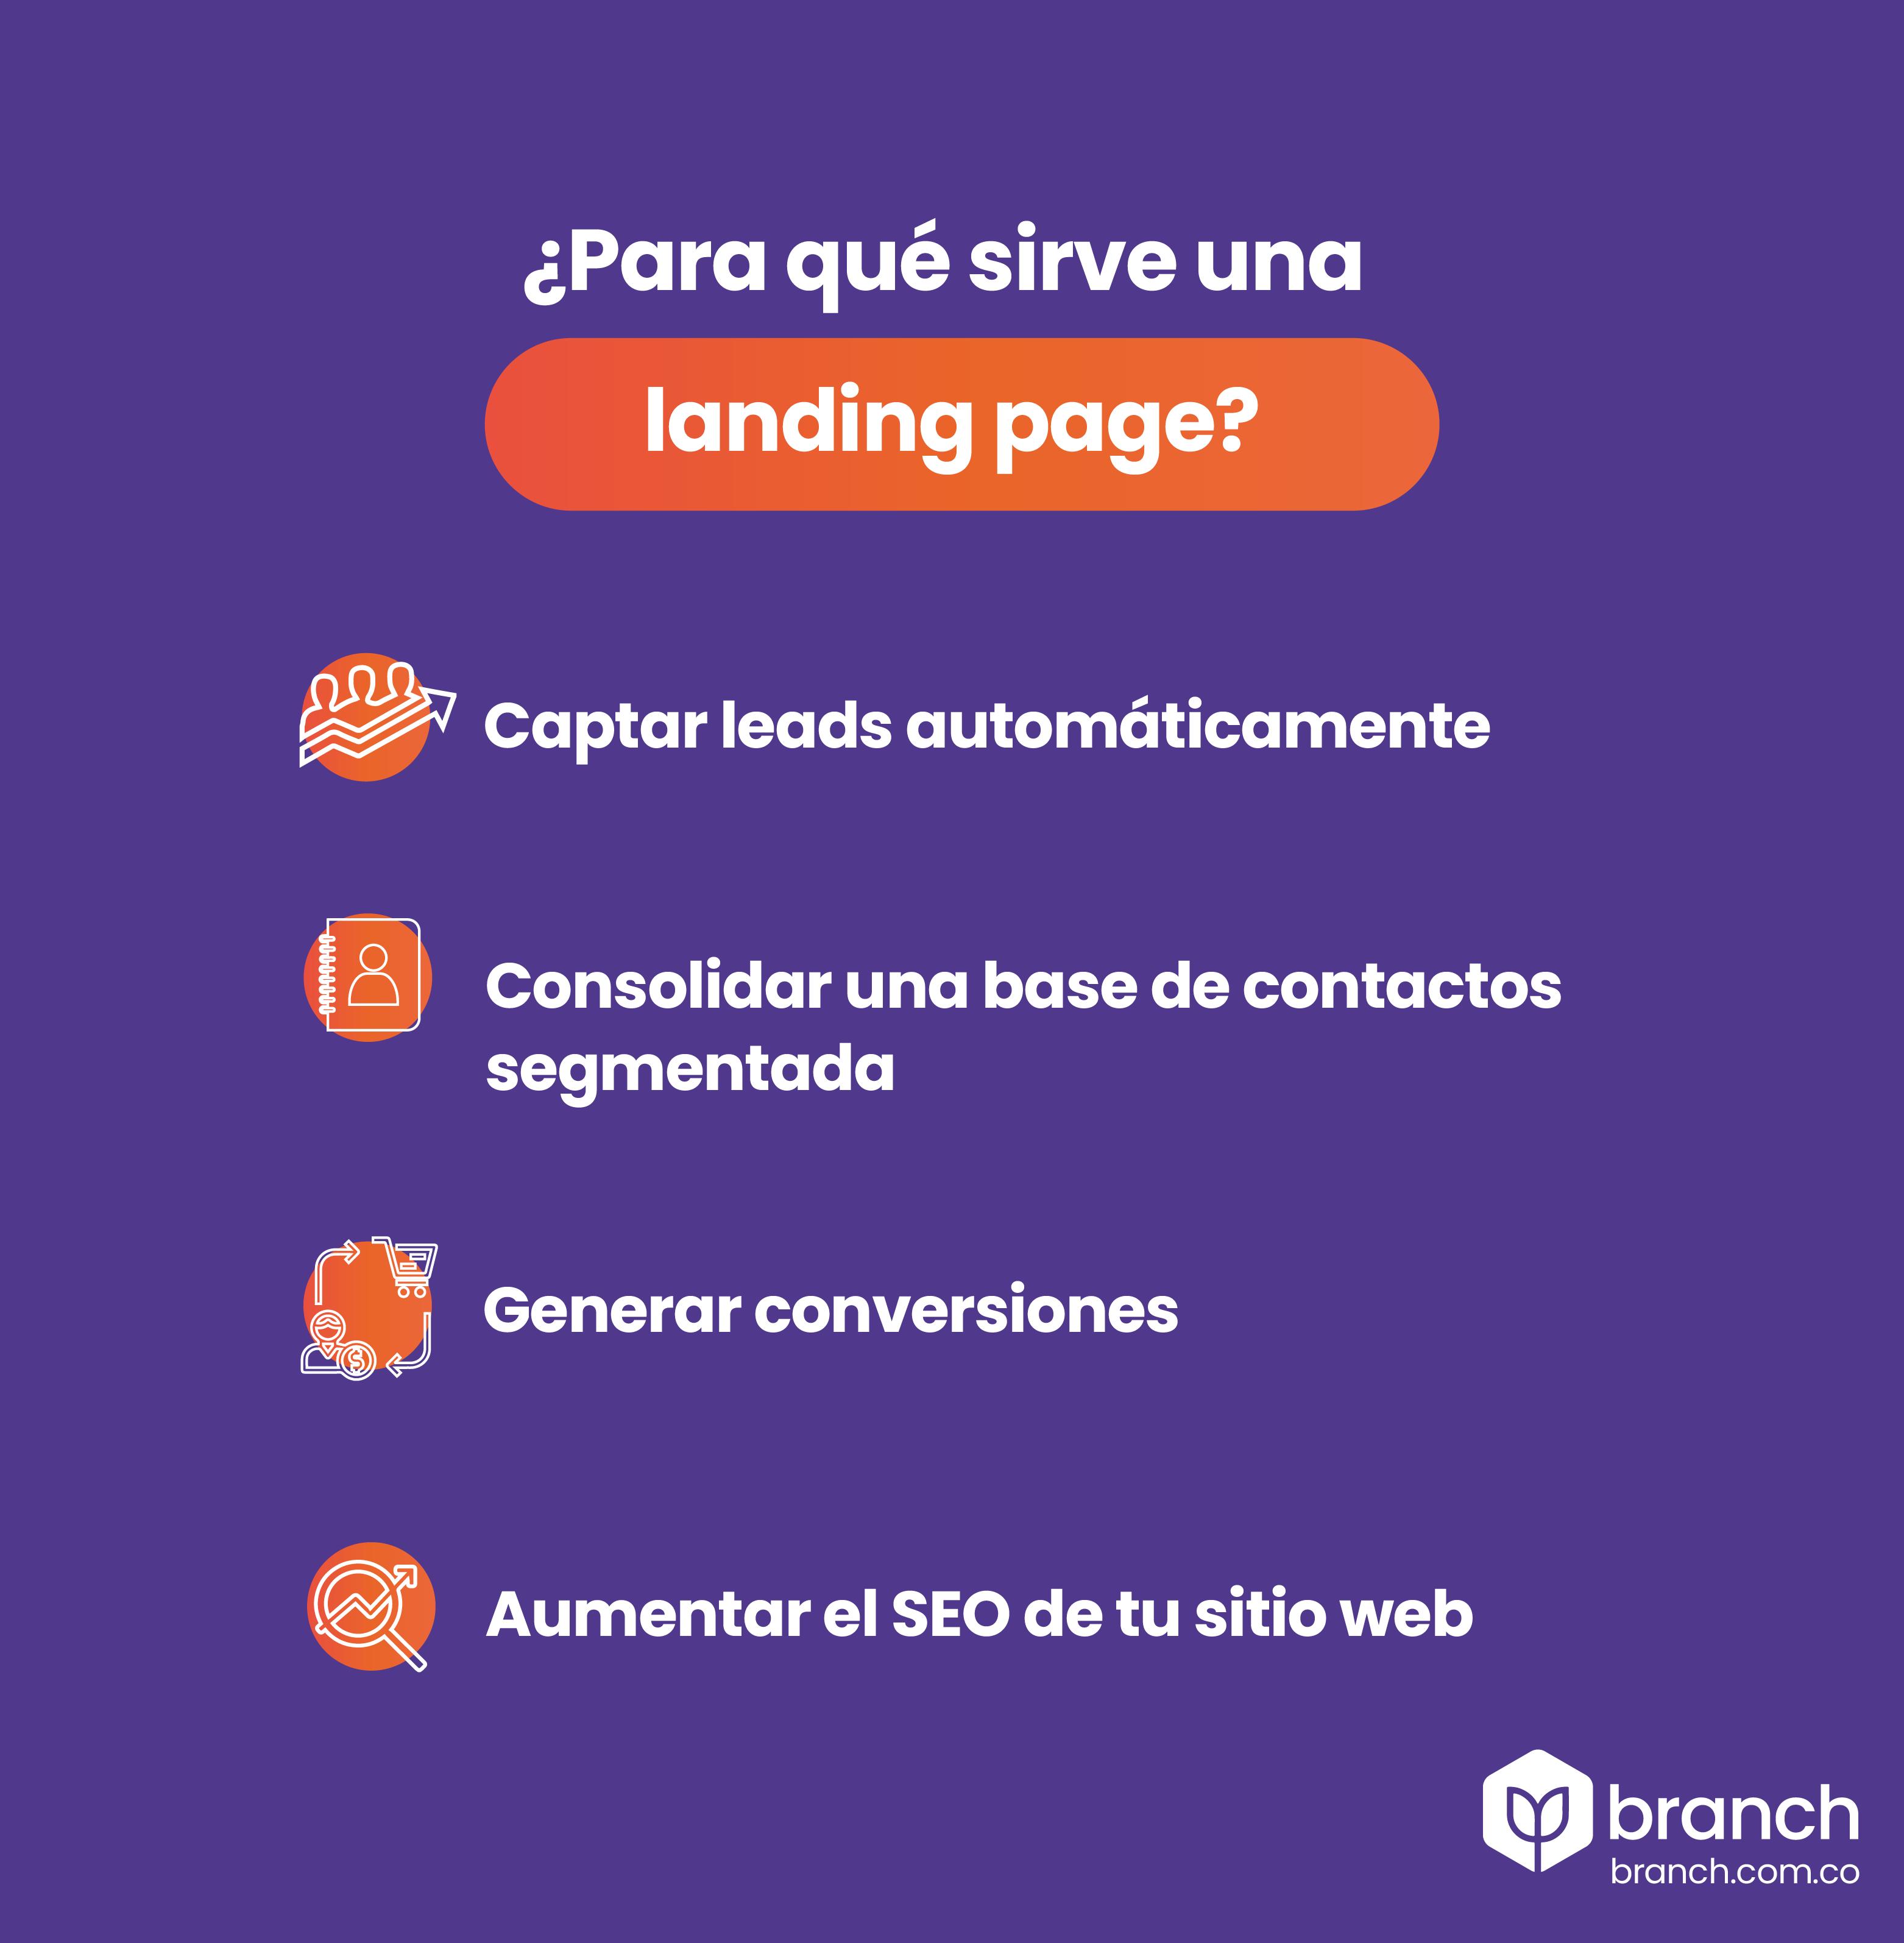 infografia-para-que-sirve-las-landing-pages.